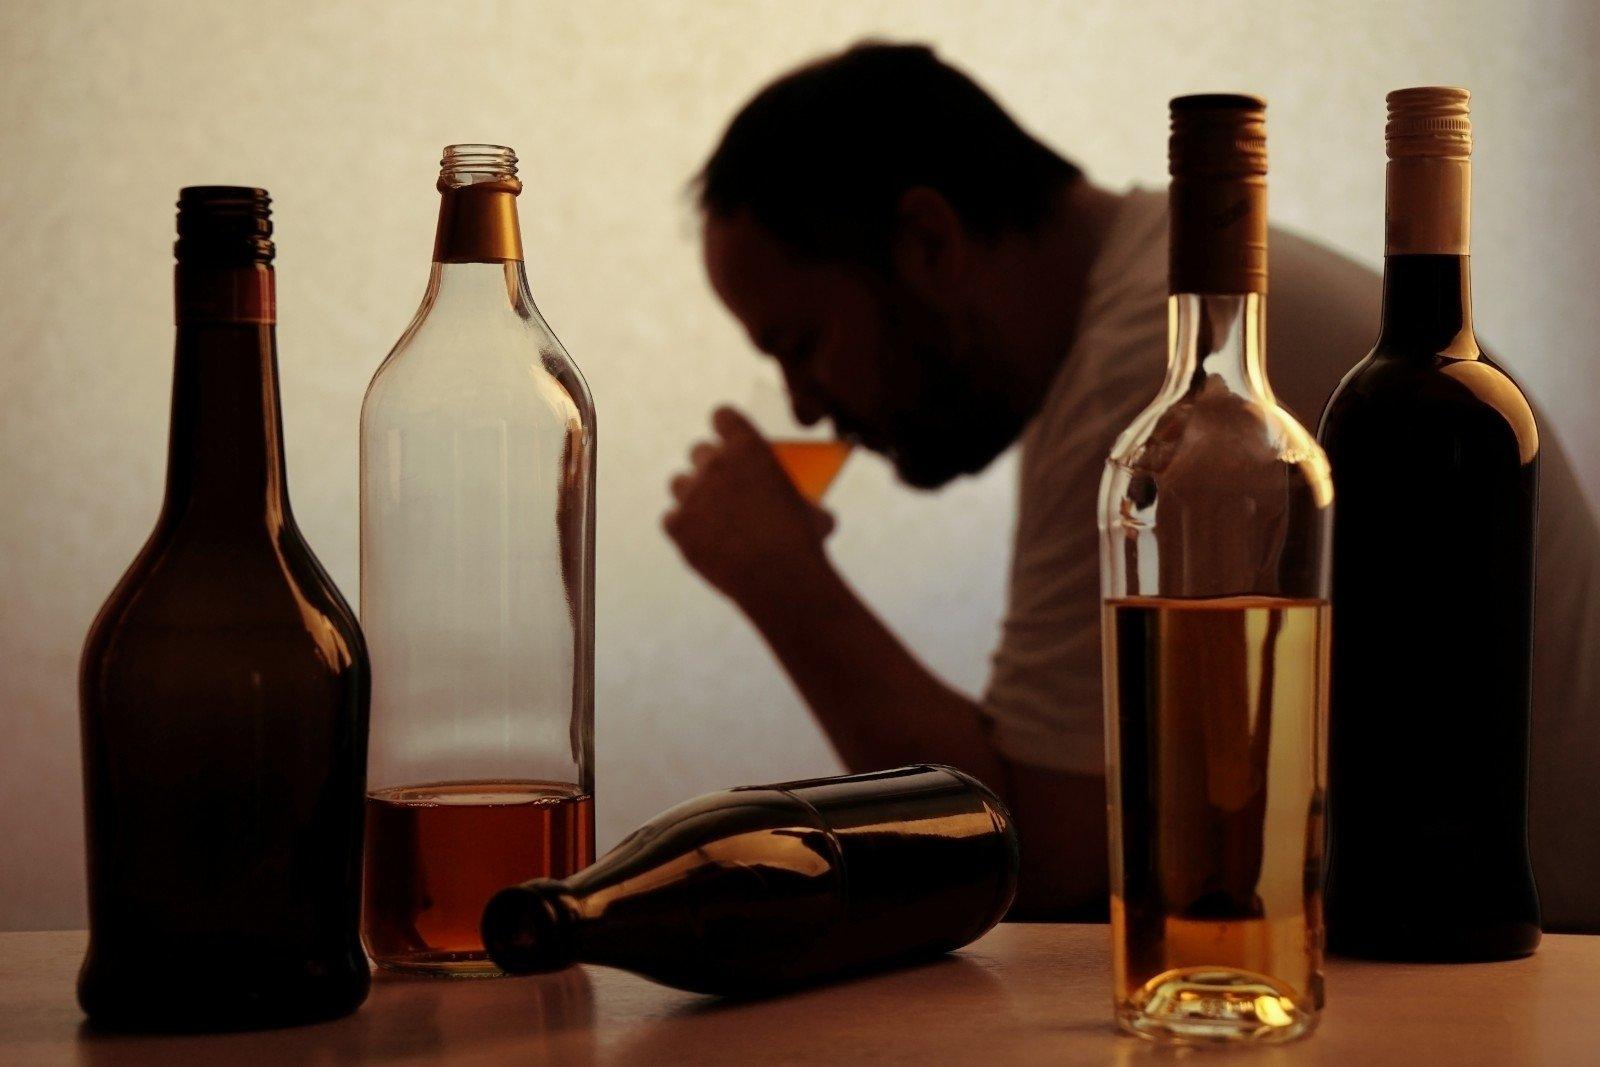 6 pavojai, kuriuos jūsų kūnui kelia alkoholis - DELFI Mokslas